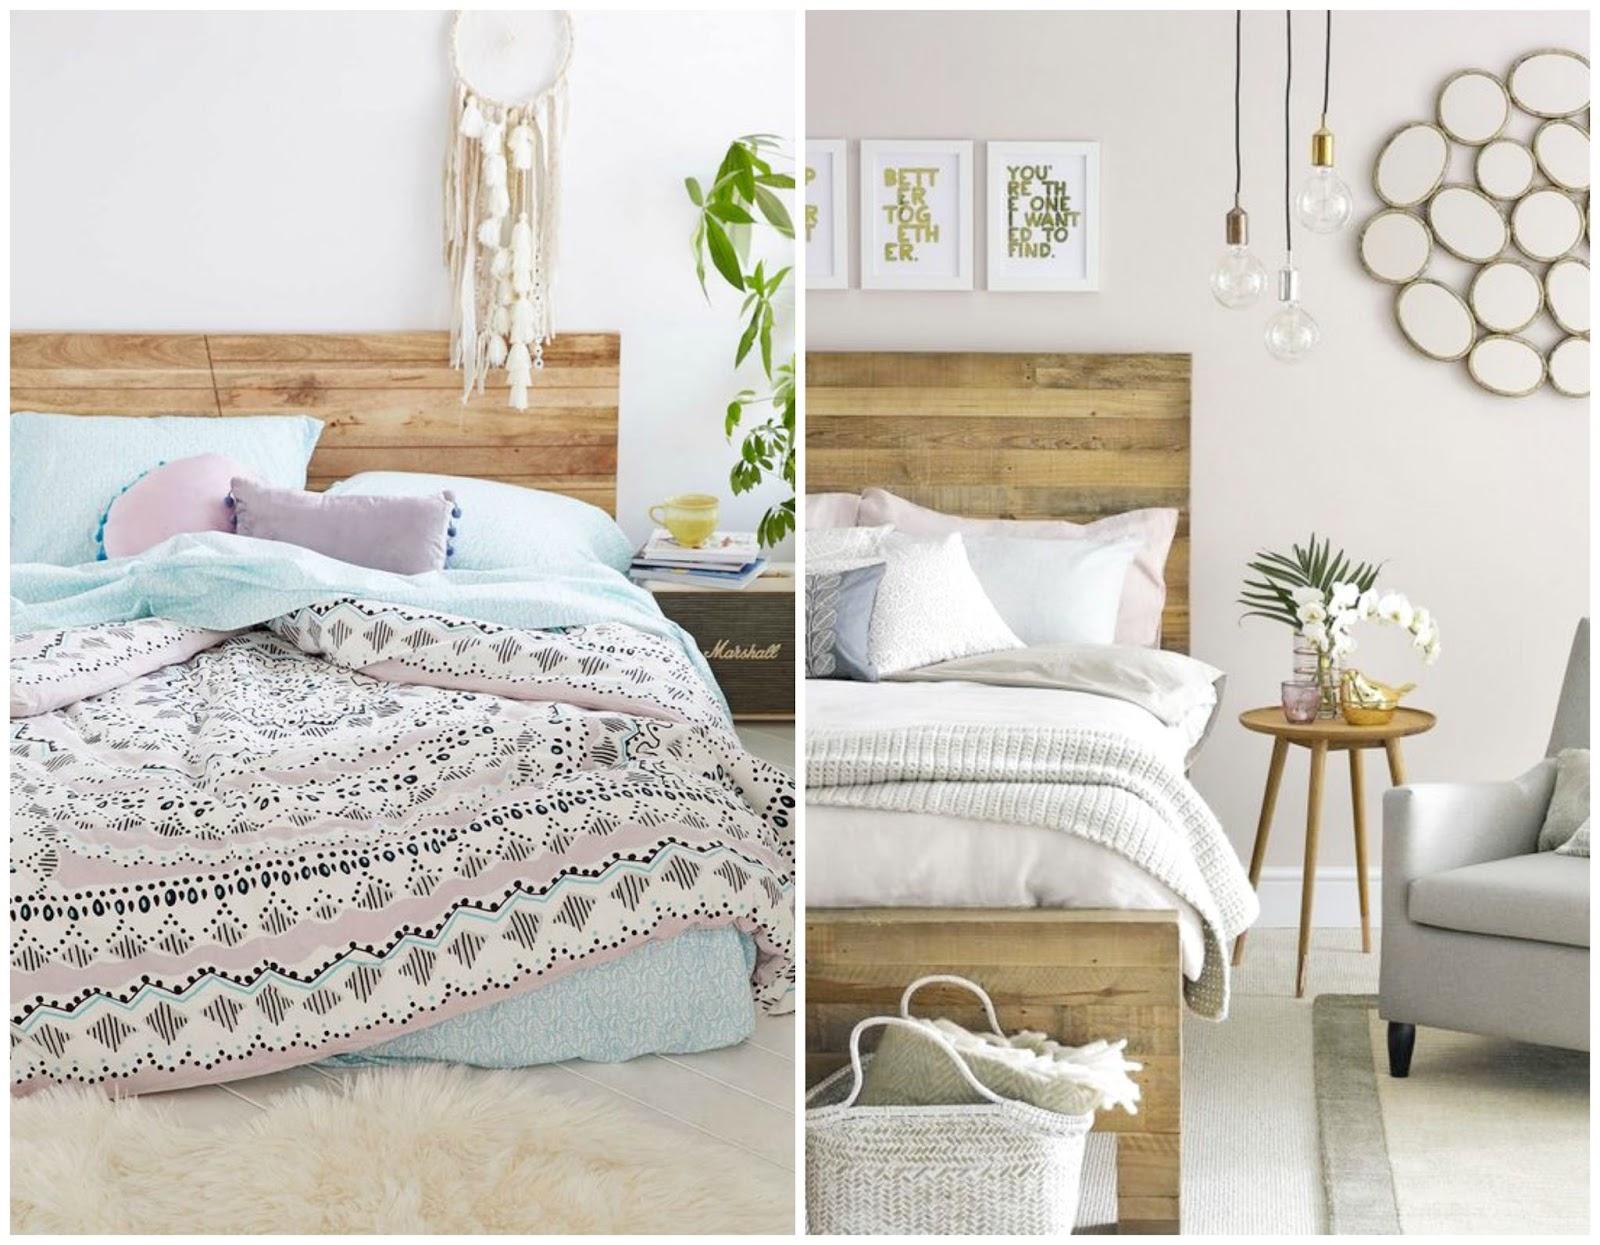 tambin me gustan los cabeceros en color gris porque casi todos detalles de la decoracin de mi dormitorio son de ese color